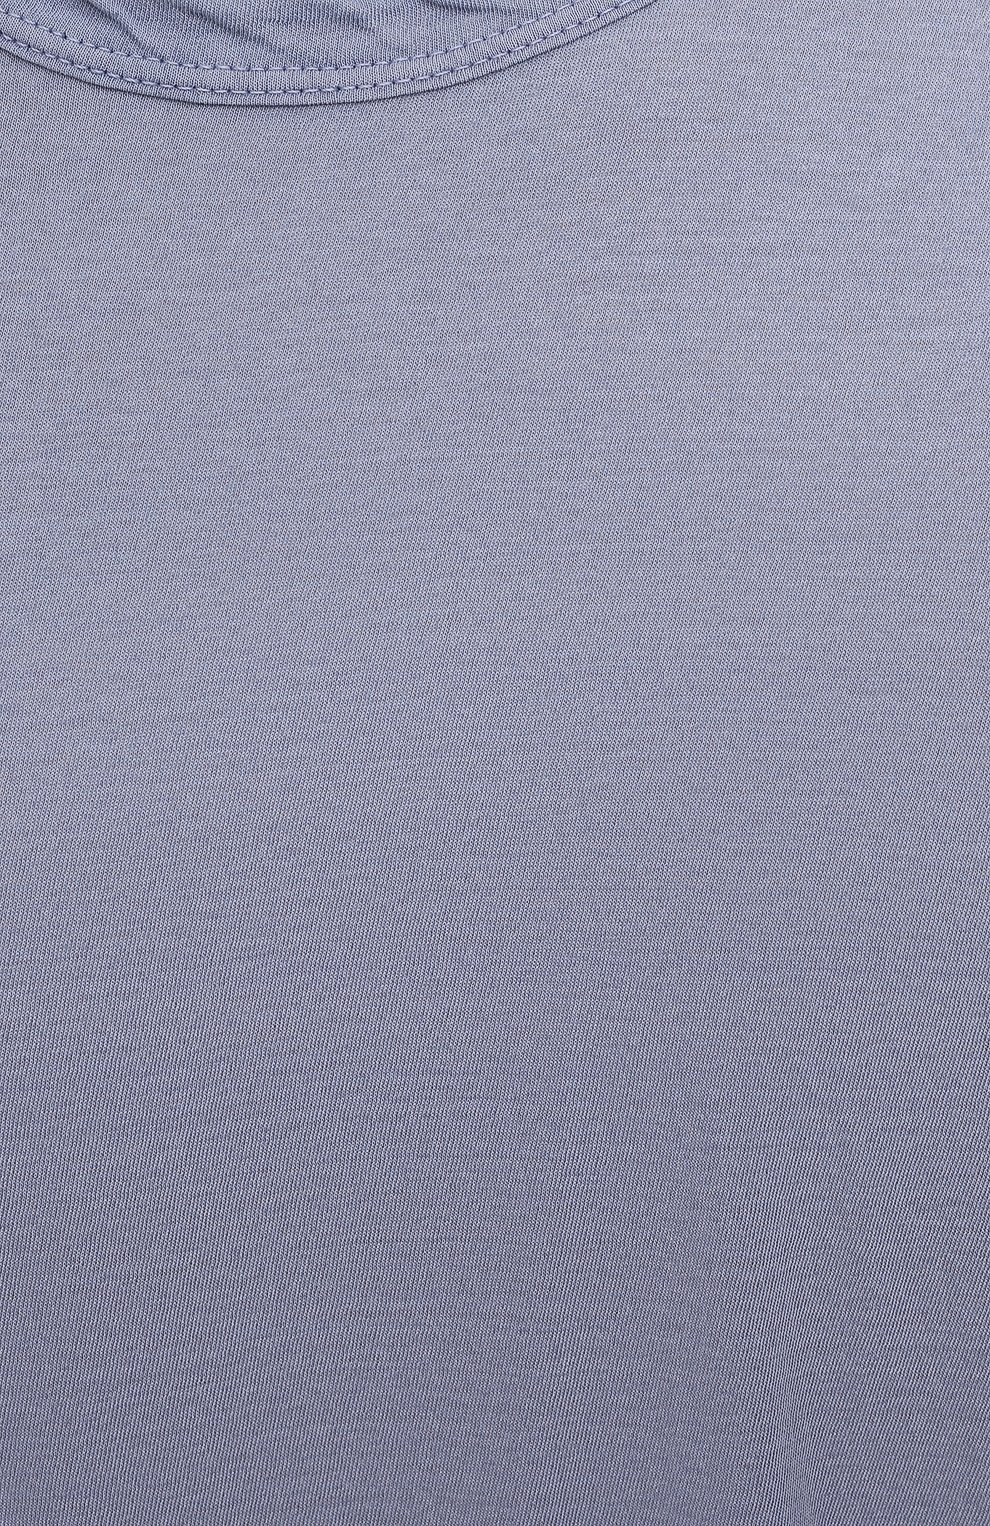 Мужская хлопковая футболка JAMES PERSE голубого цвета, арт. MKJ3360 | Фото 5 (Принт: Без принта; Рукава: Короткие; Длина (для топов): Удлиненные; Материал внешний: Хлопок)